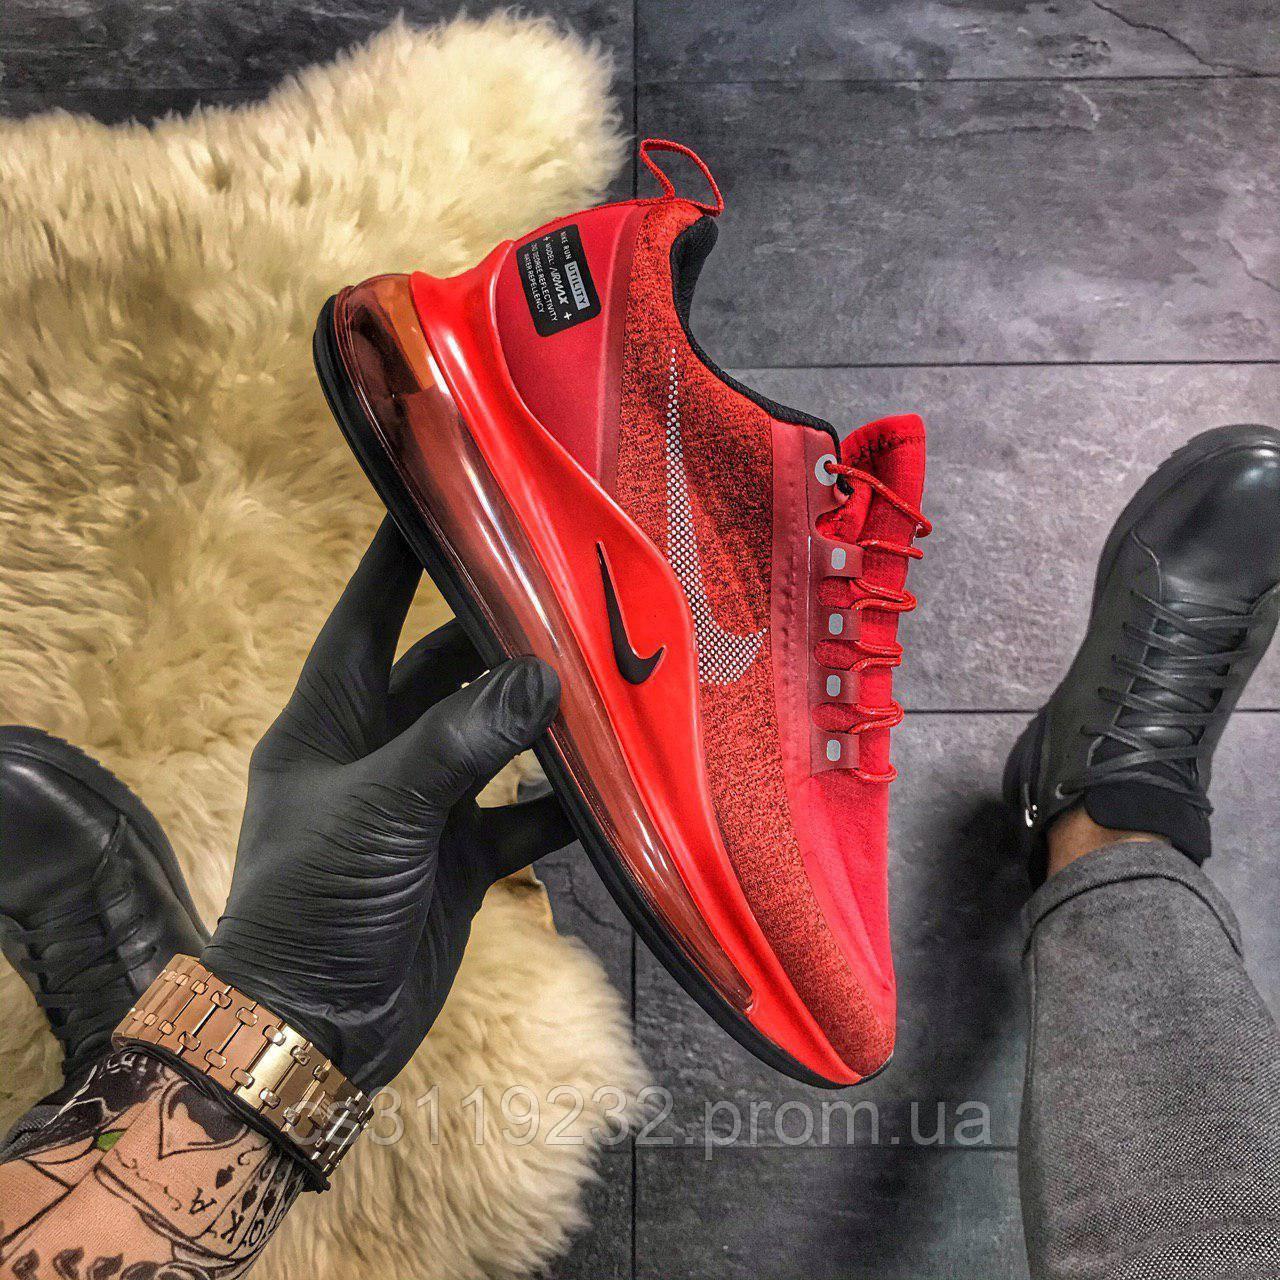 Чоловічі кросівки Nike Air Max 720 (червоні)